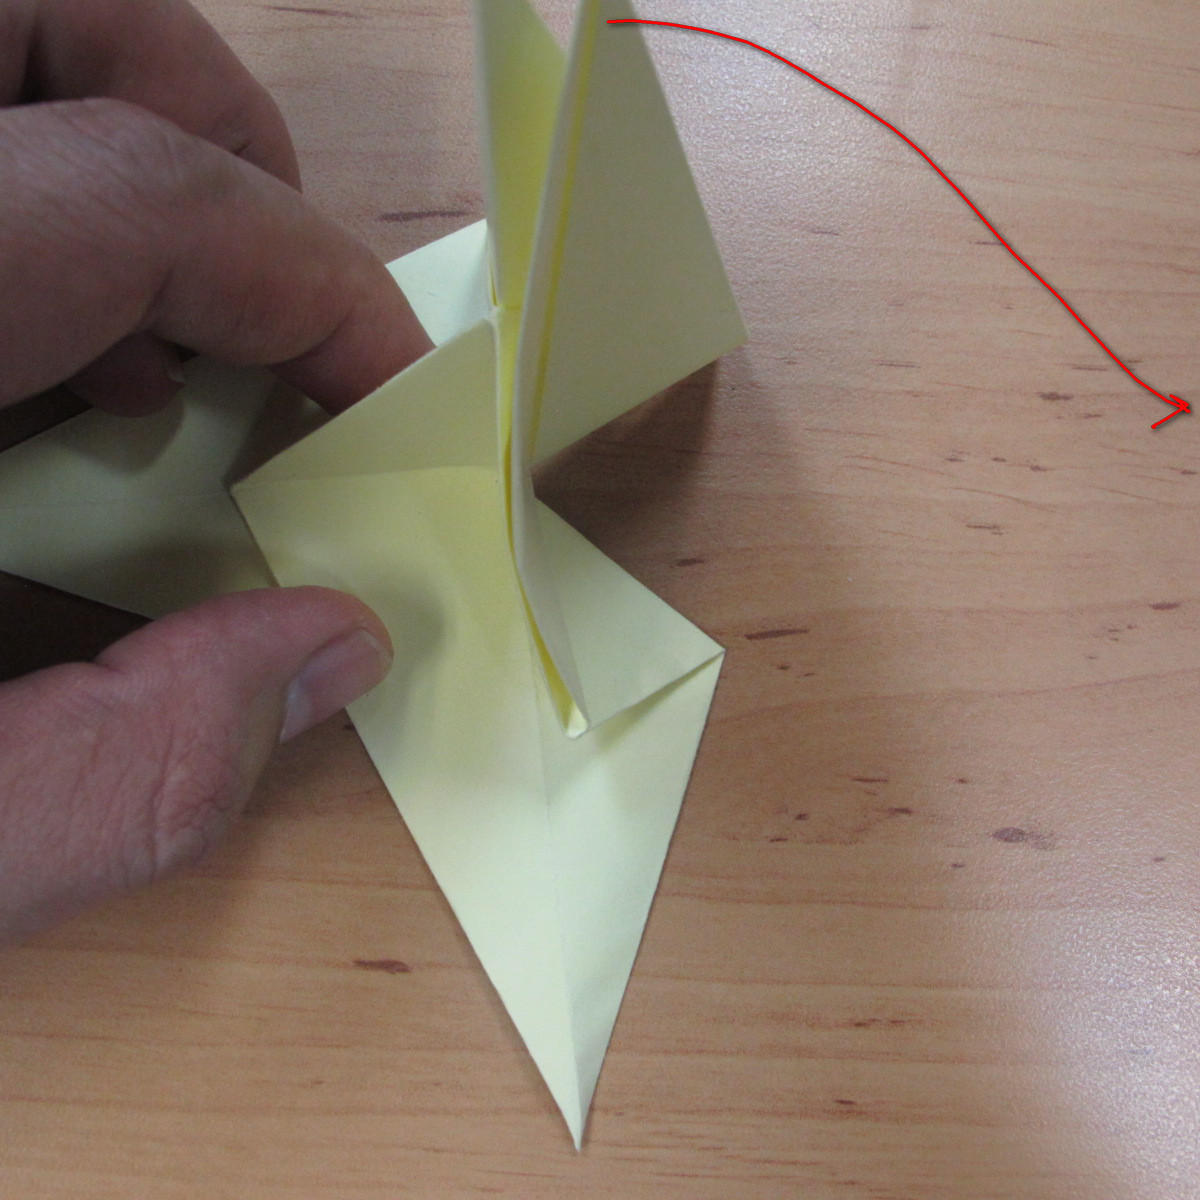 วิธีพับกระดาษเป็นดอกกุหลายแบบเกลียว 024